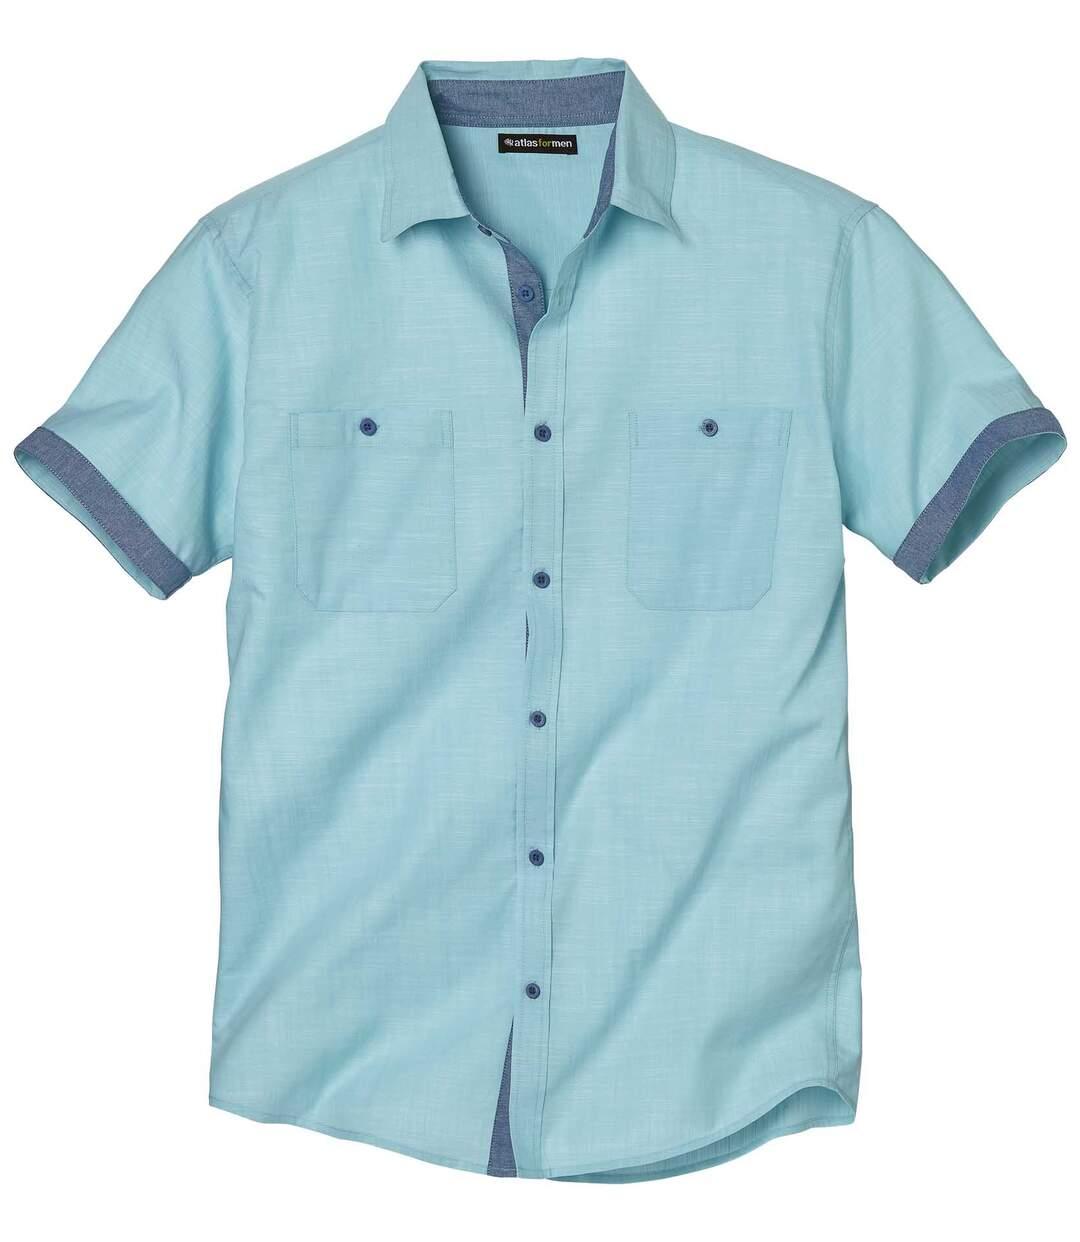 Riviera overhemd met korte mouwen